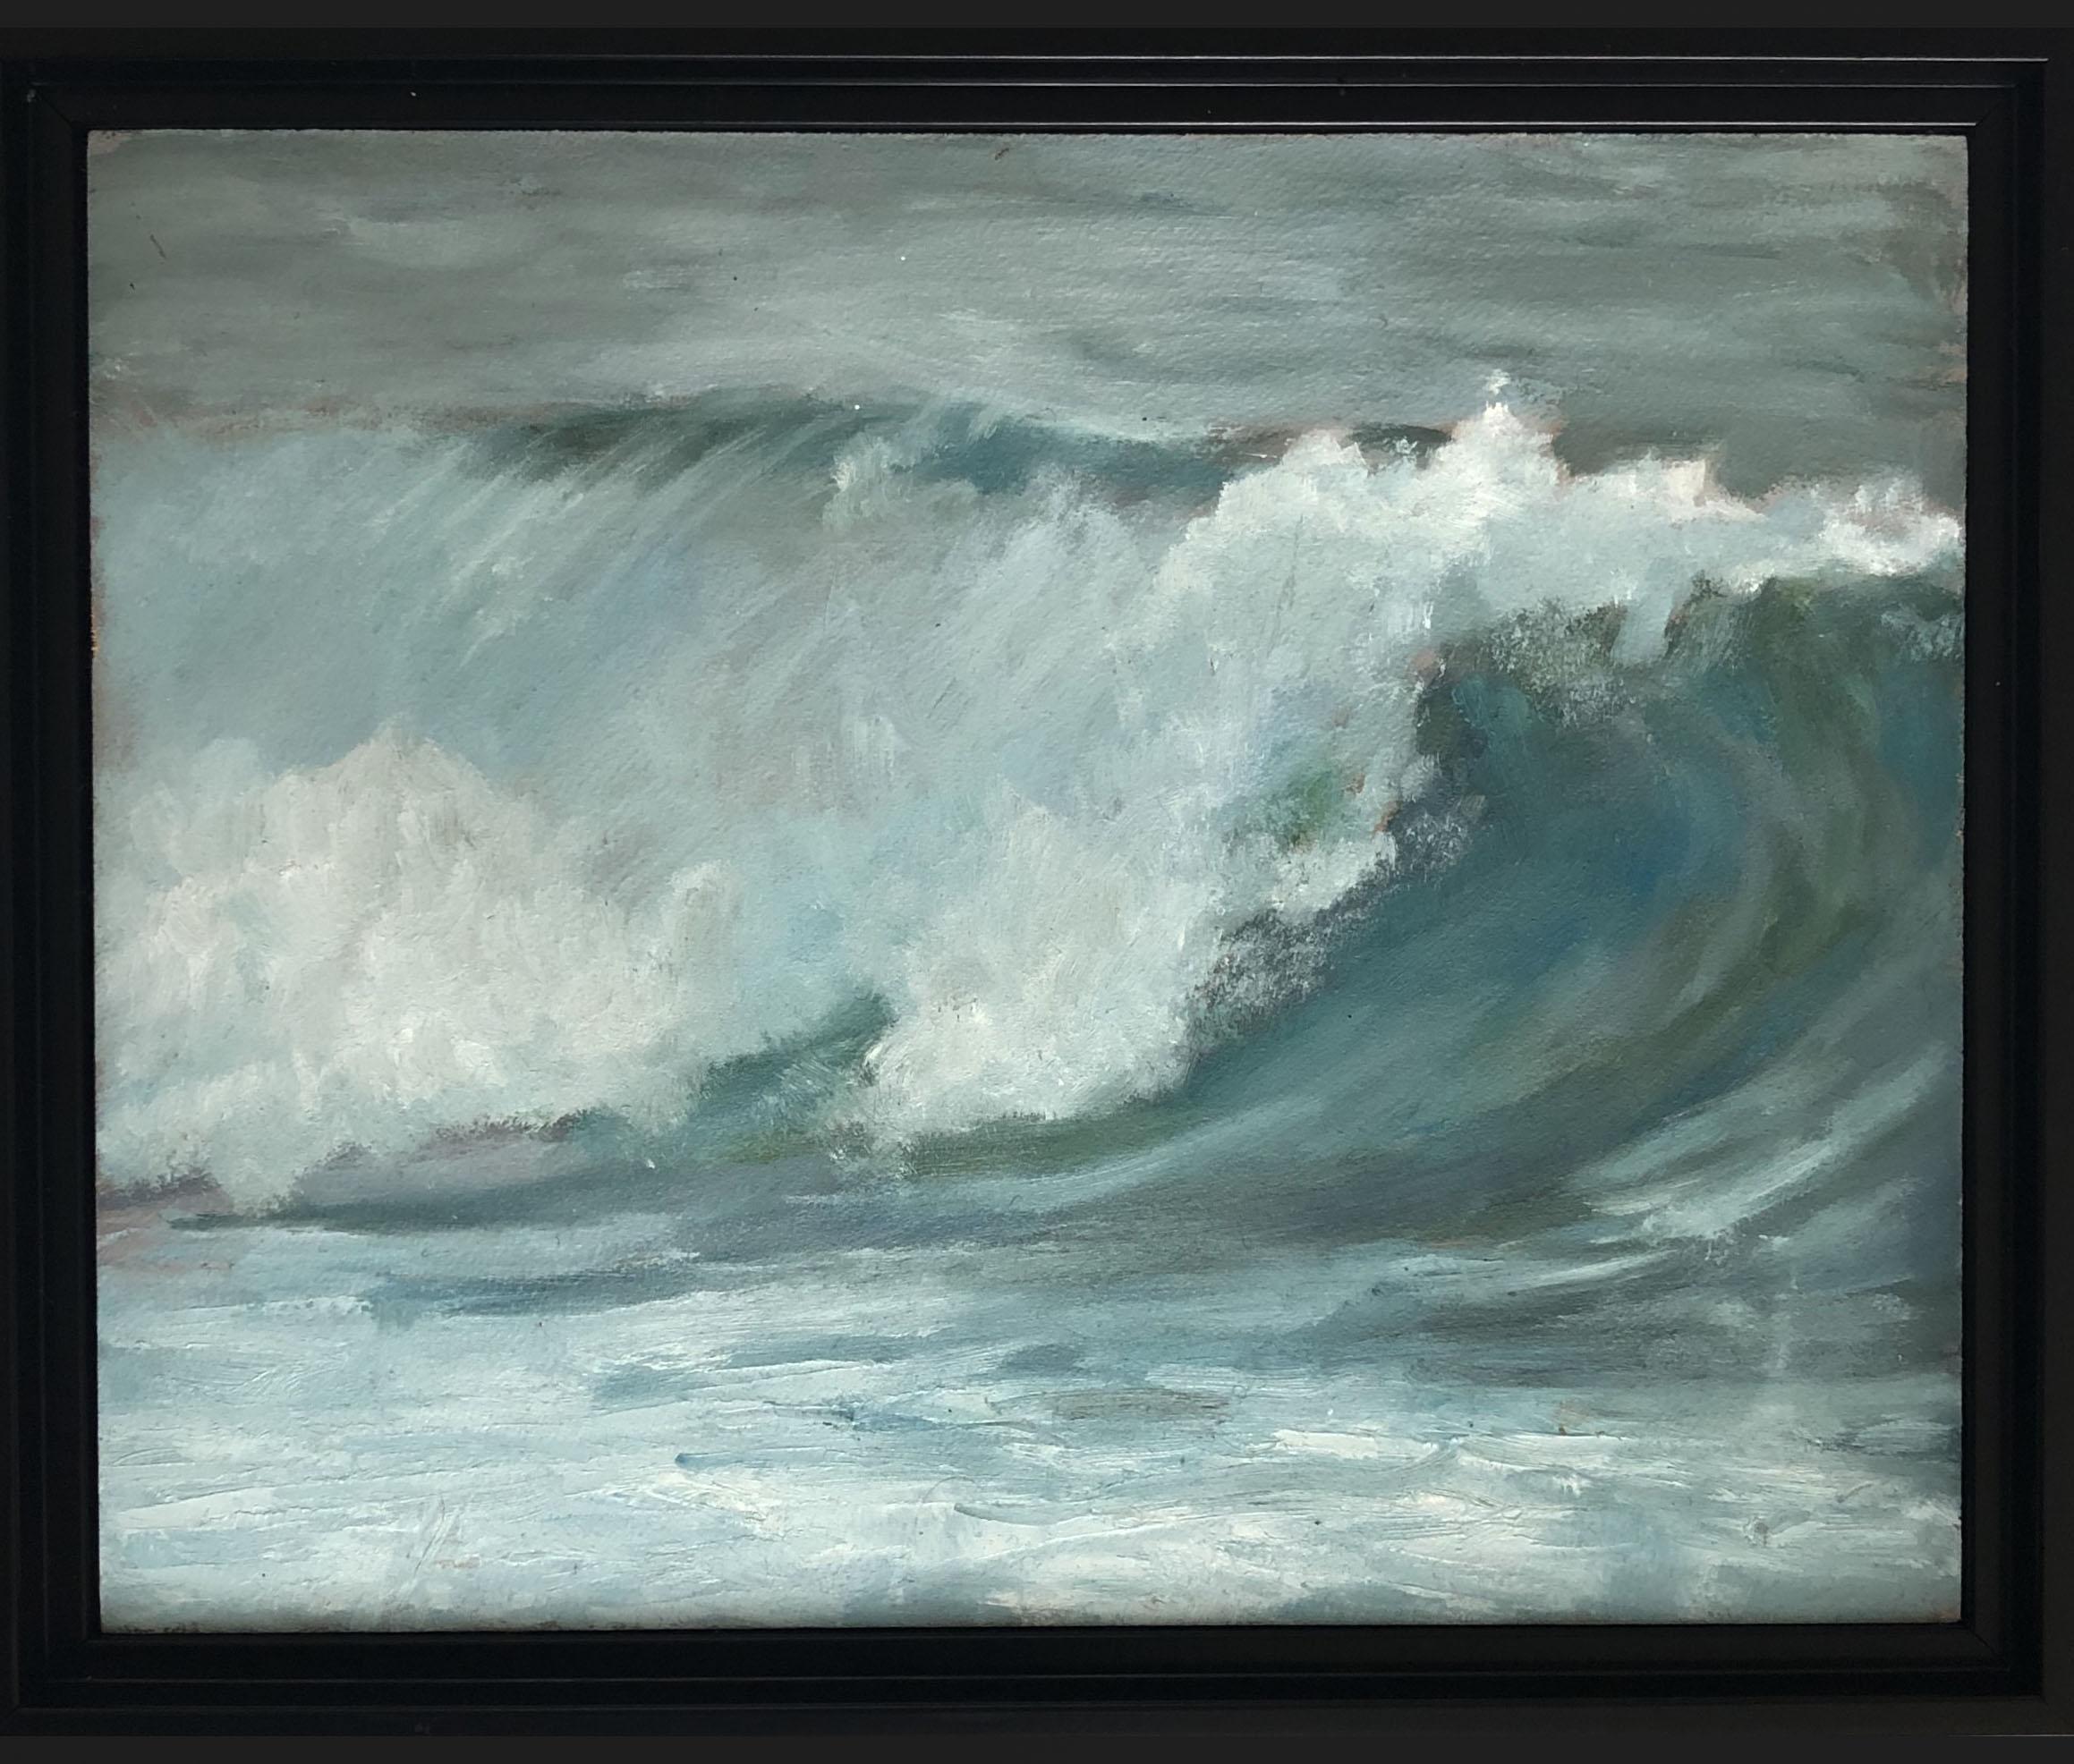 MicaelaAguirre-_Wave_-oil - 8x10in-2018 - $160.jpg